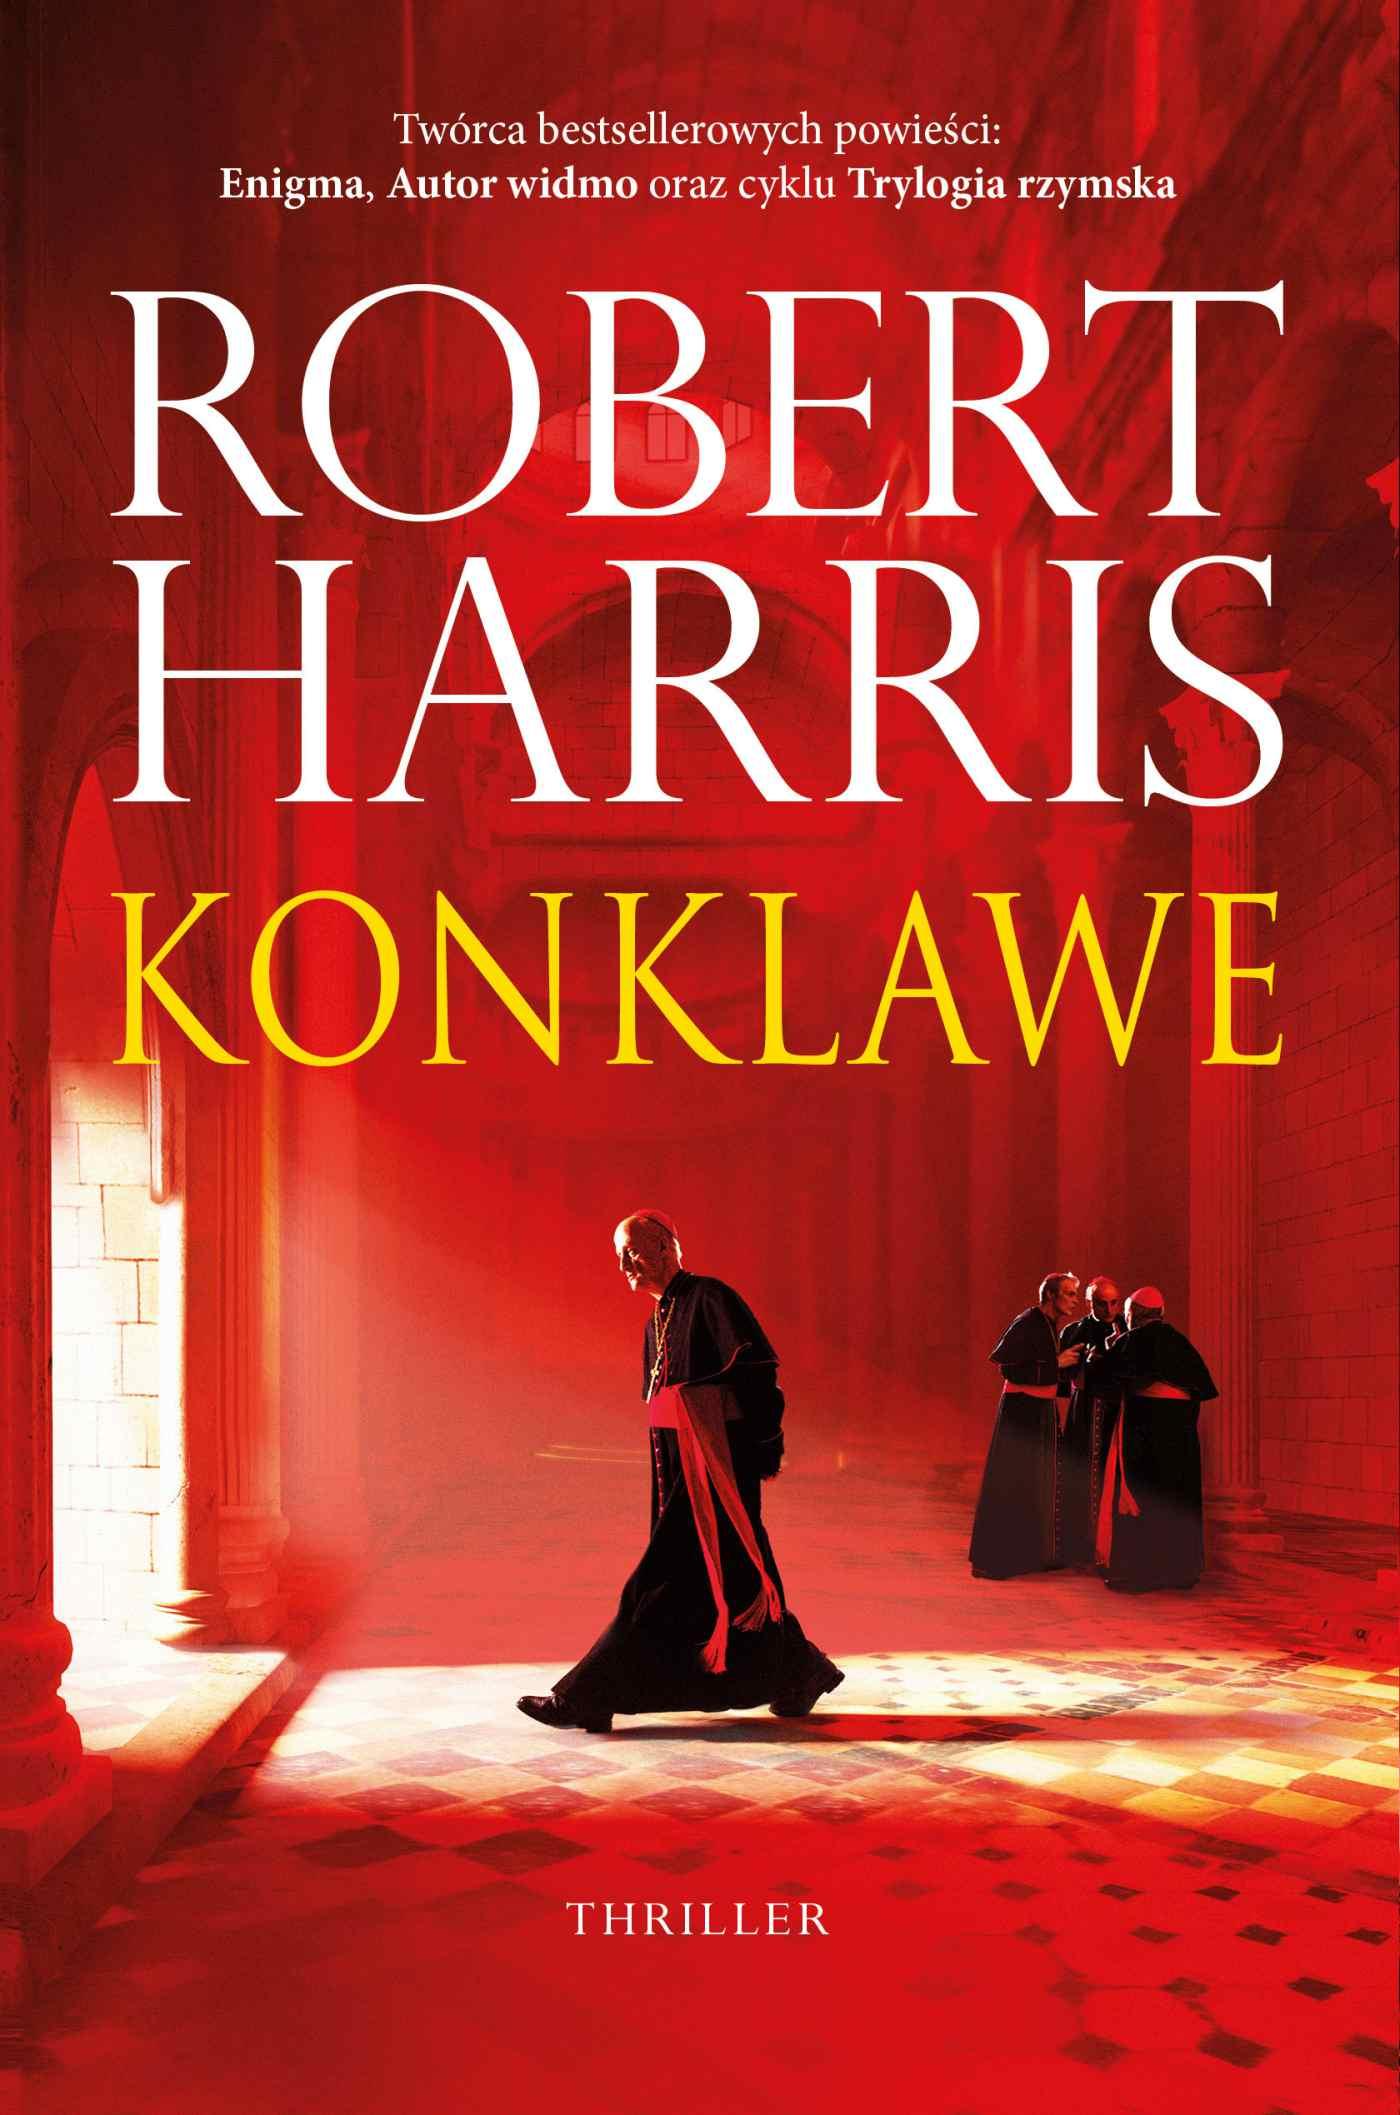 Konklawe - Ebook (Książka na Kindle) do pobrania w formacie MOBI